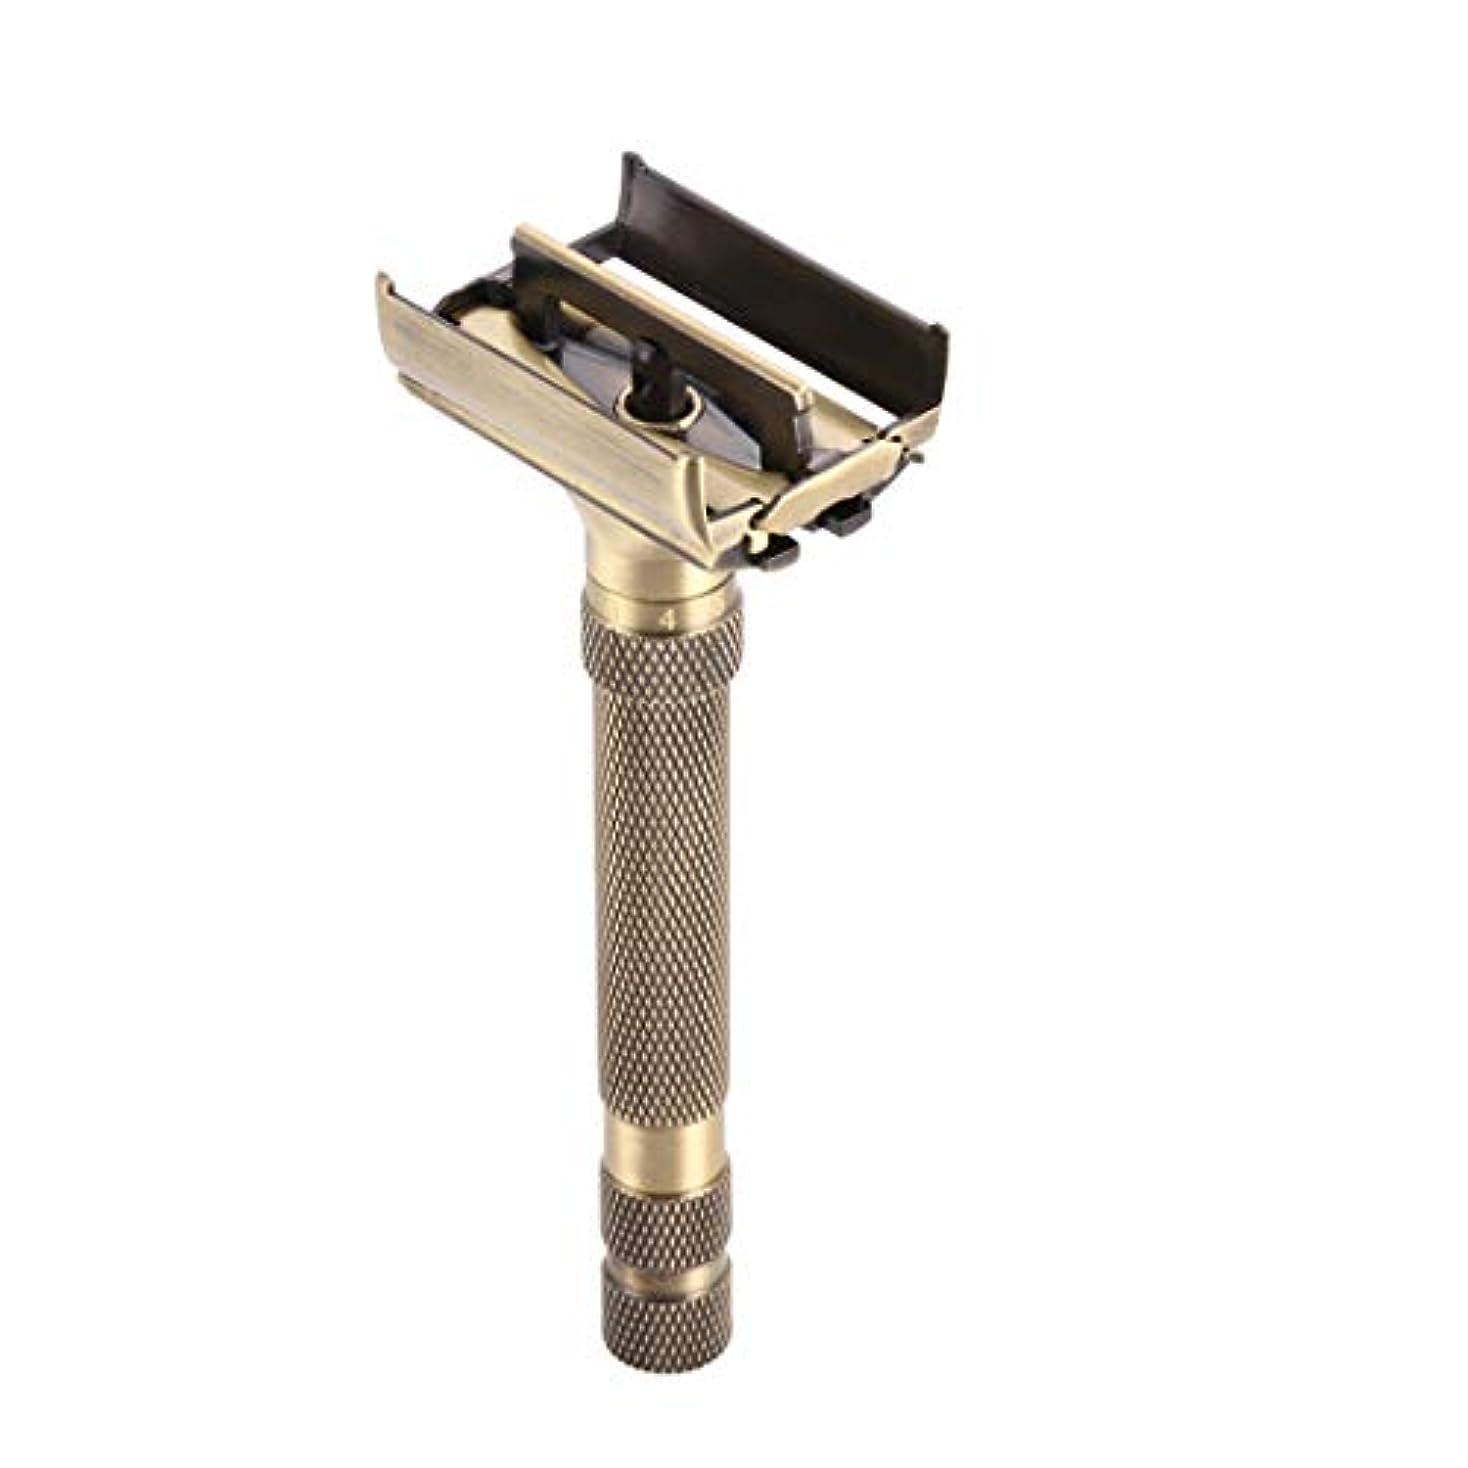 香港糞絶縁するクラシックダブルエッジカミソリ真鍮両面手動かみそり ブレード露出調整可能 ダブルエッジ 安全レイザー 替刃5個付